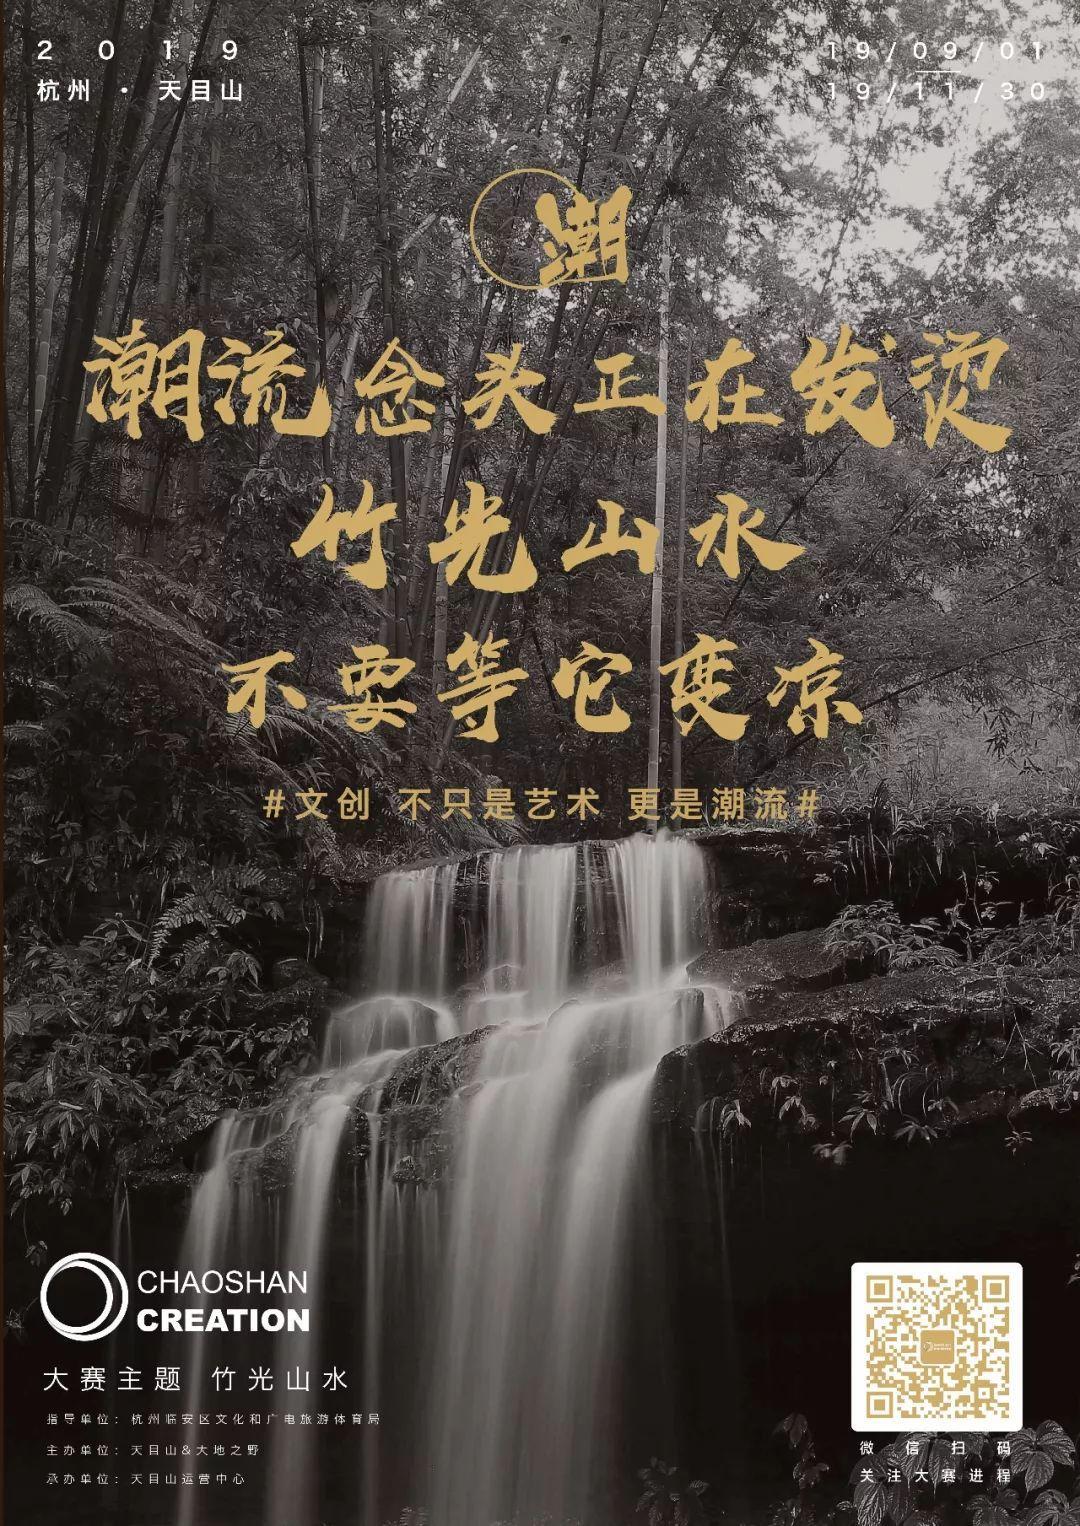 2019「潮山造物」天目山潮流文創設計大賽-主題一:竹(燭)光山水(竹元素比賽主題)